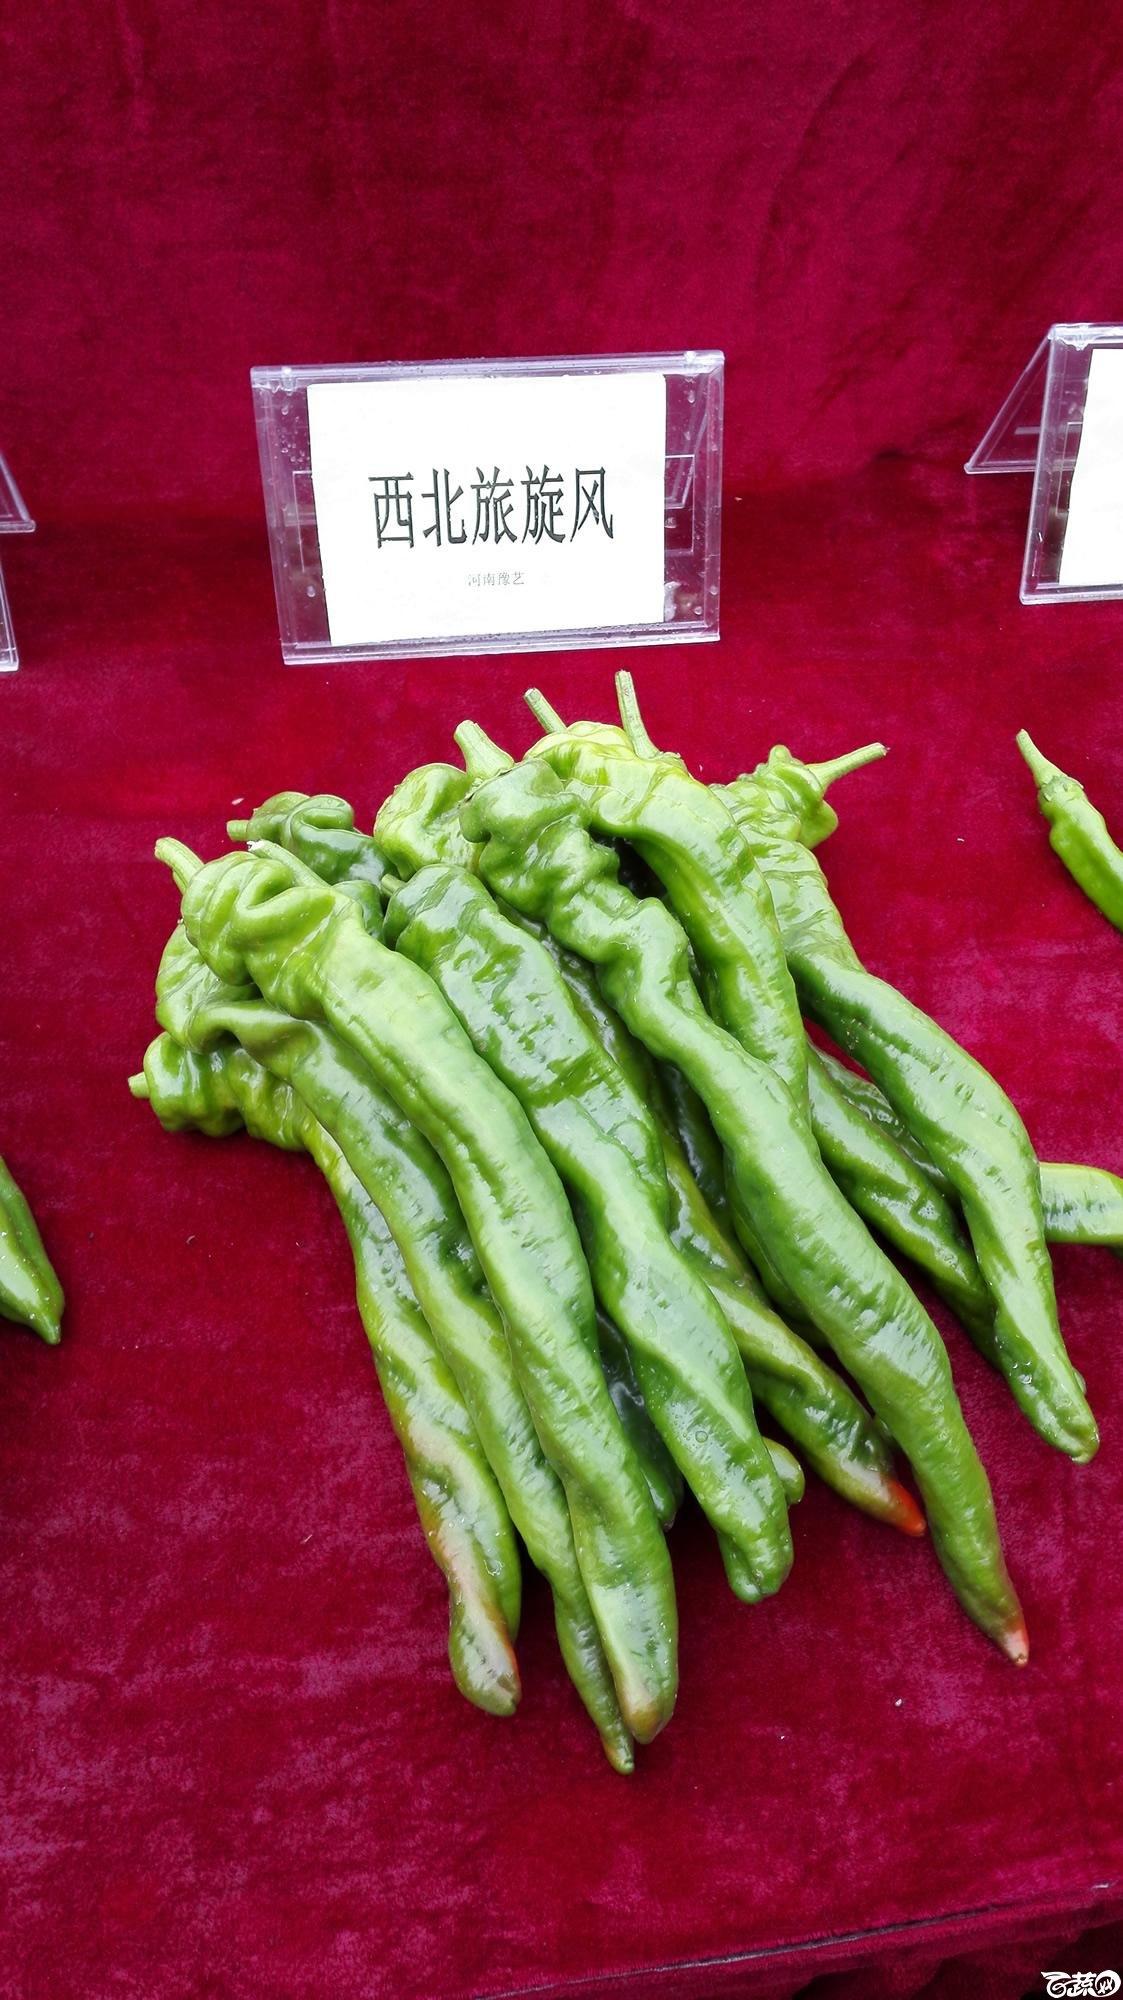 2014年12月8号中山蔬菜新品种展示会_辣椒_007.jpg